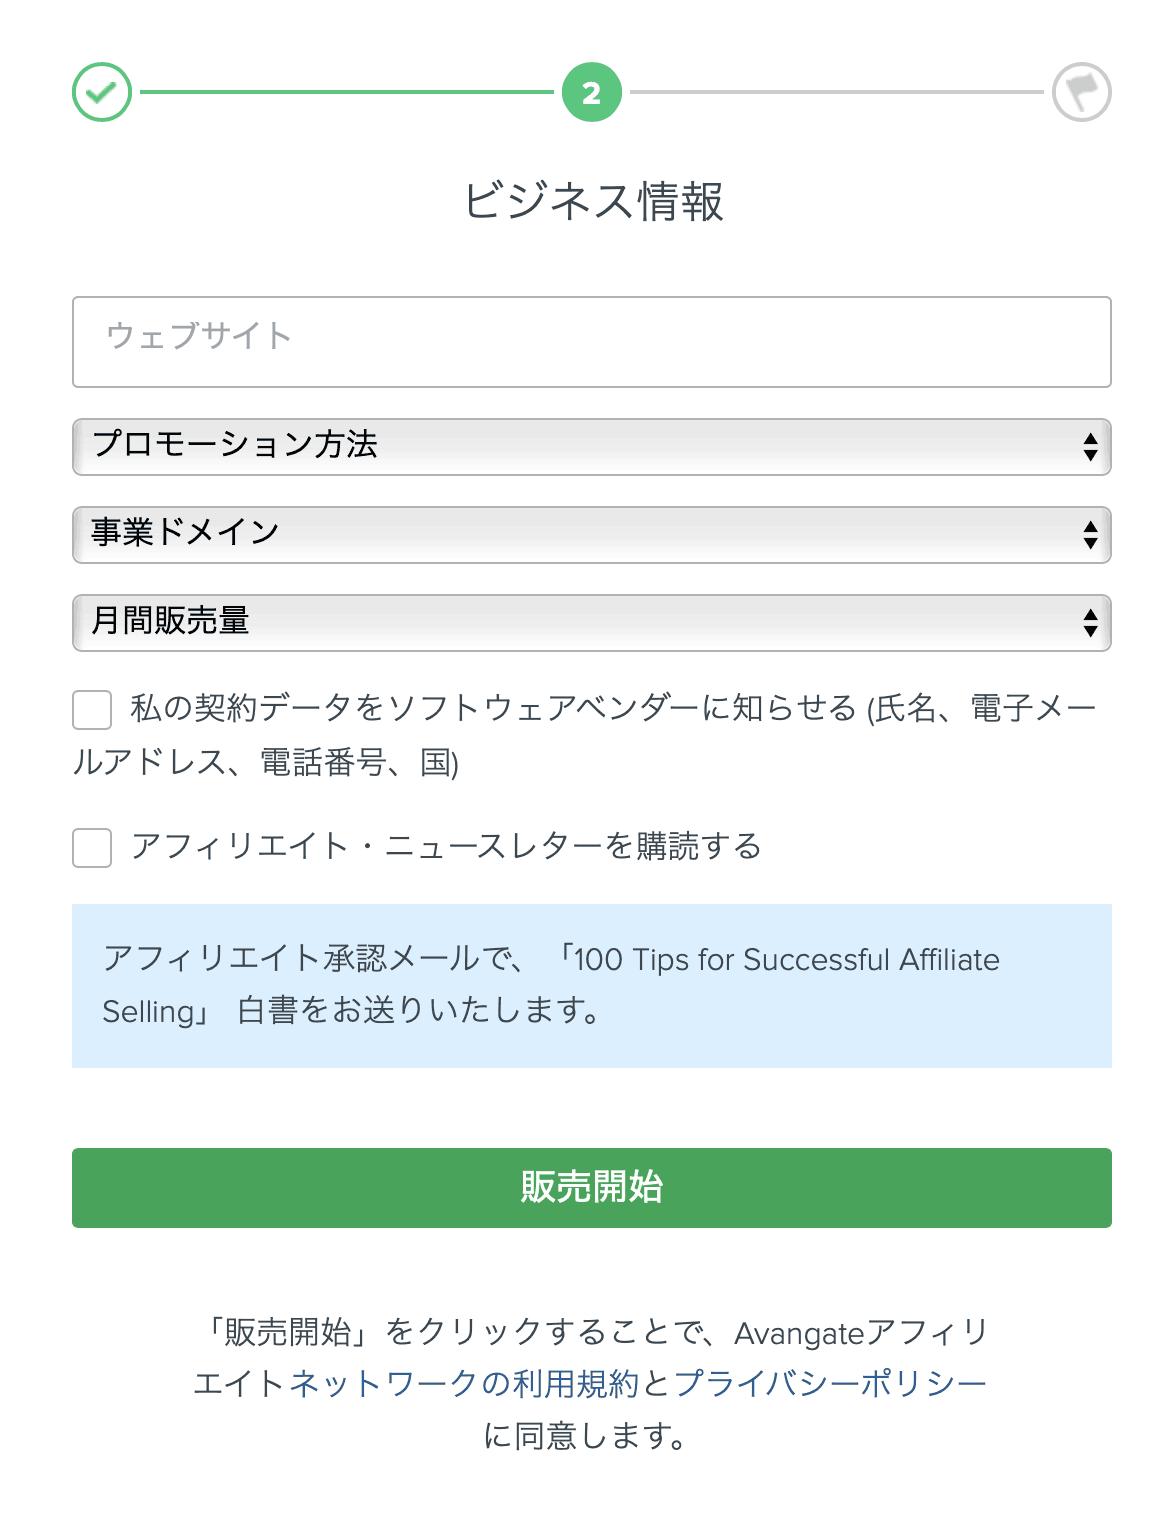 報告 avangate アカウント登録4